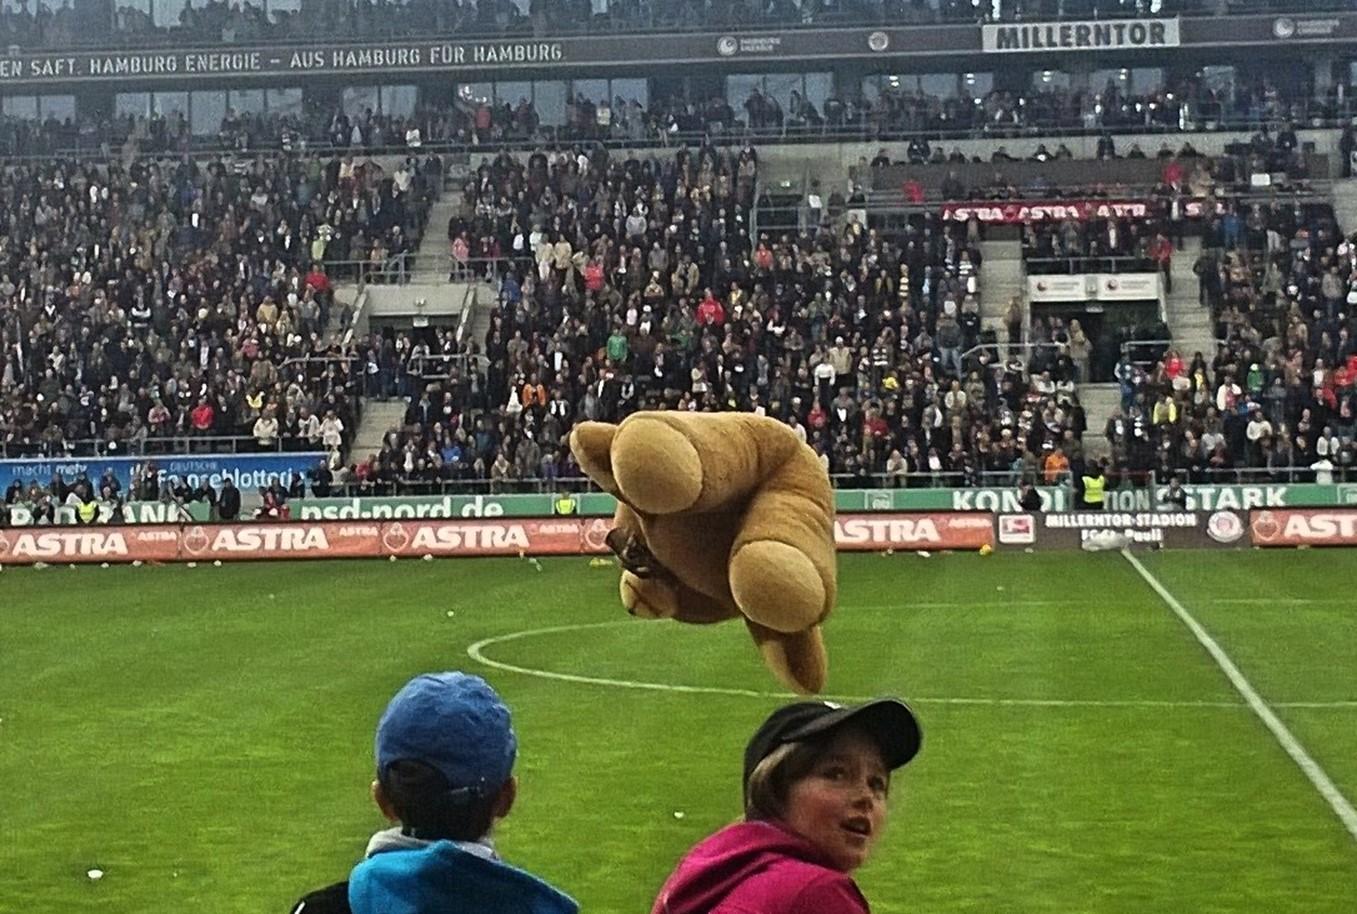 Fliegender Bär beim Abschiedsspiel von Marius Ebbers im Millerntorstadion des FC St. Pauli